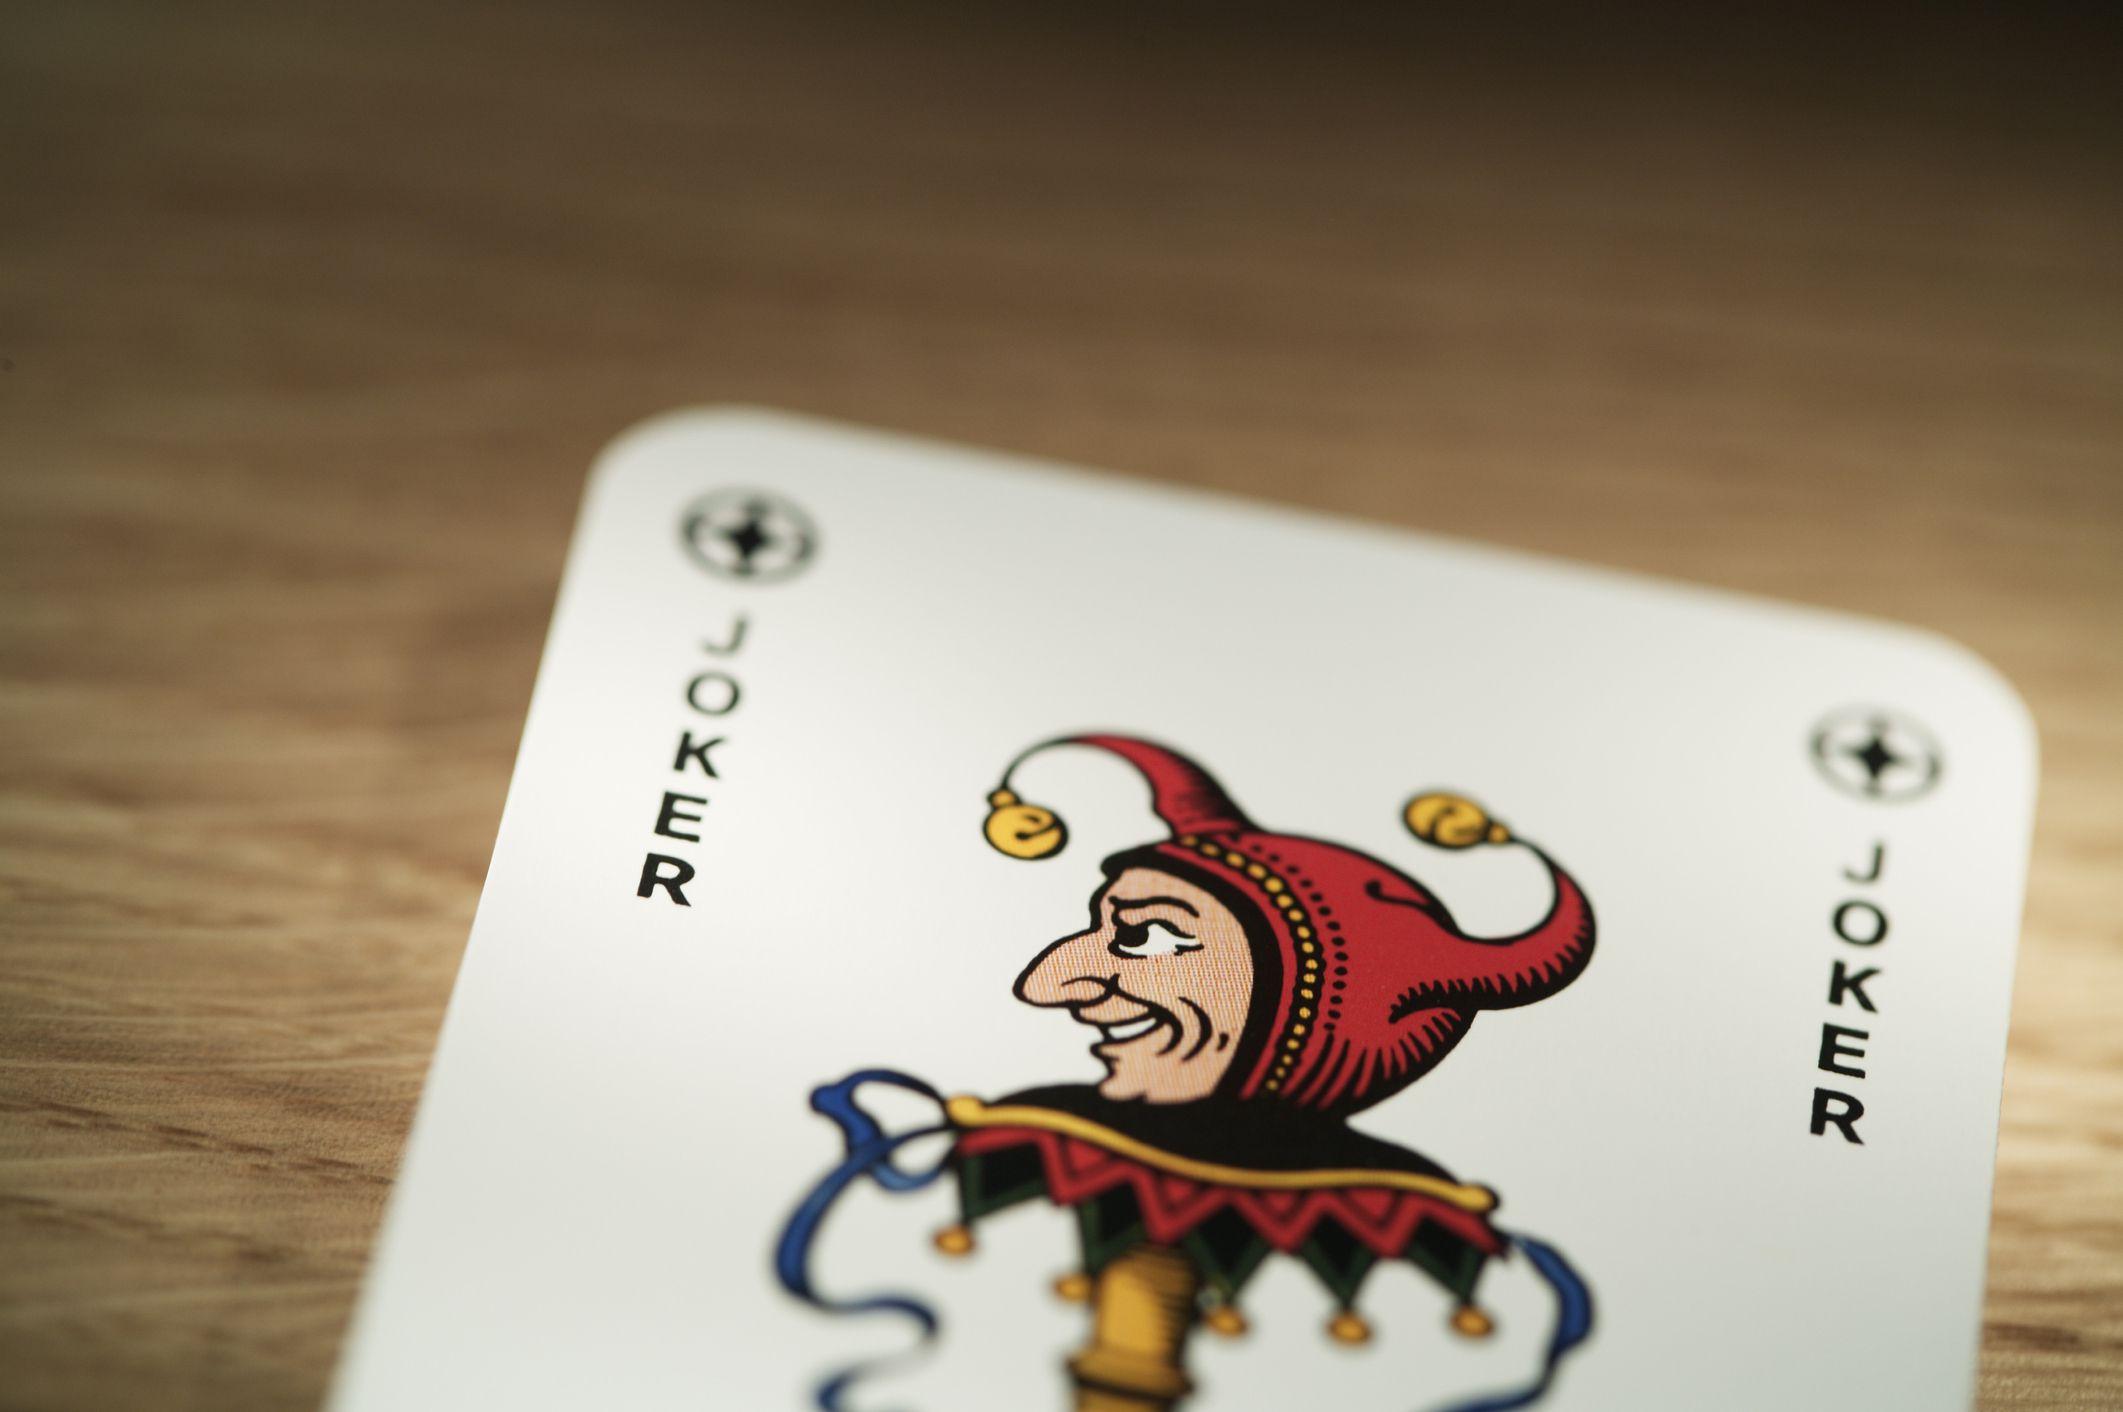 Blackjack on pokerstars